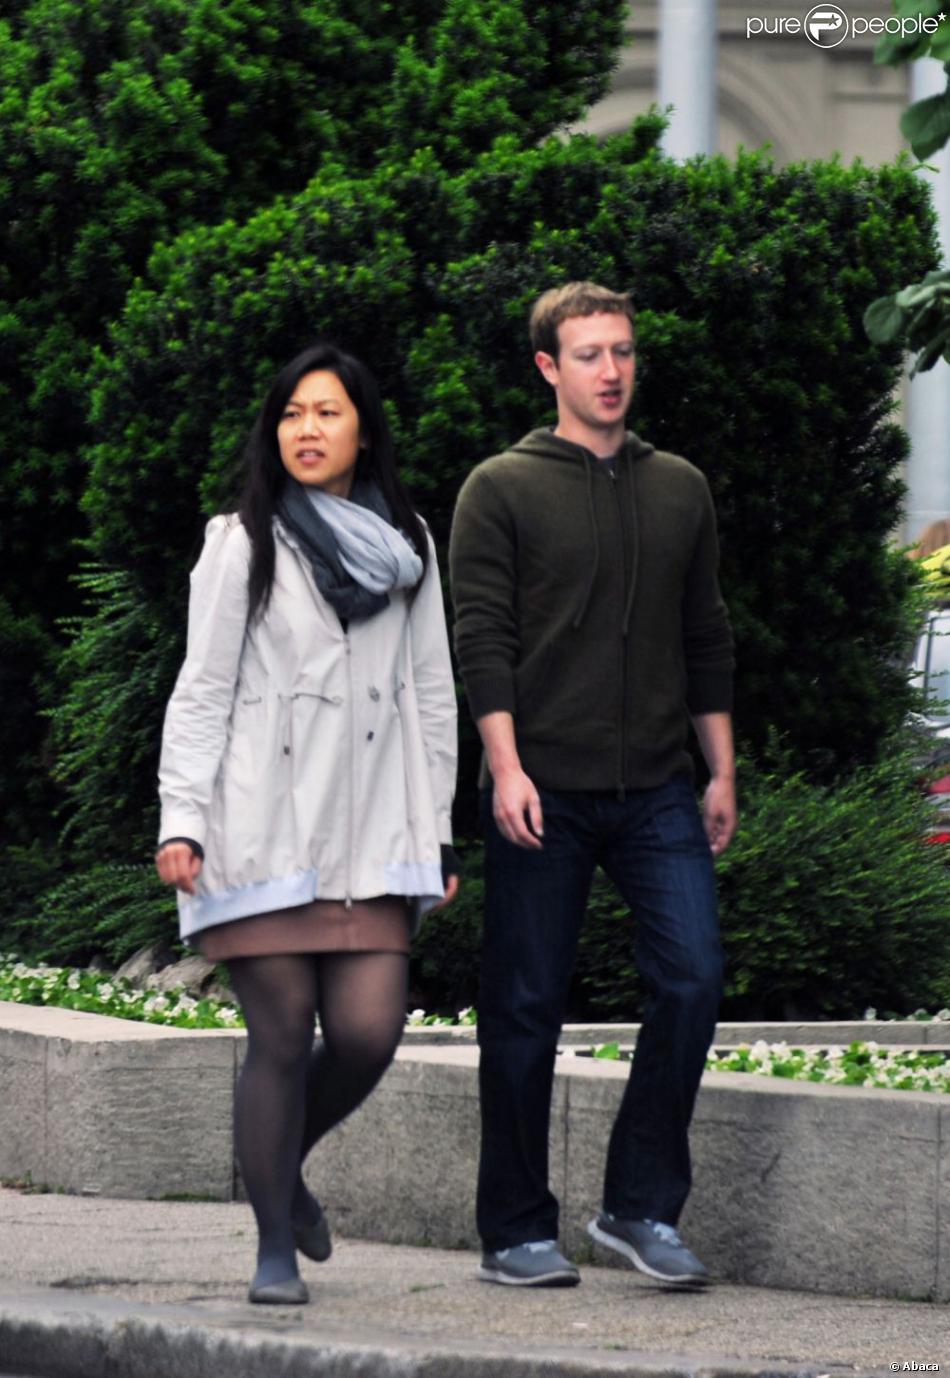 Mark Zuckerberg et son épouse, Priscilla Chan, se promènent dans les rues de Budapest en Hongrie, le 28 mai 2013.